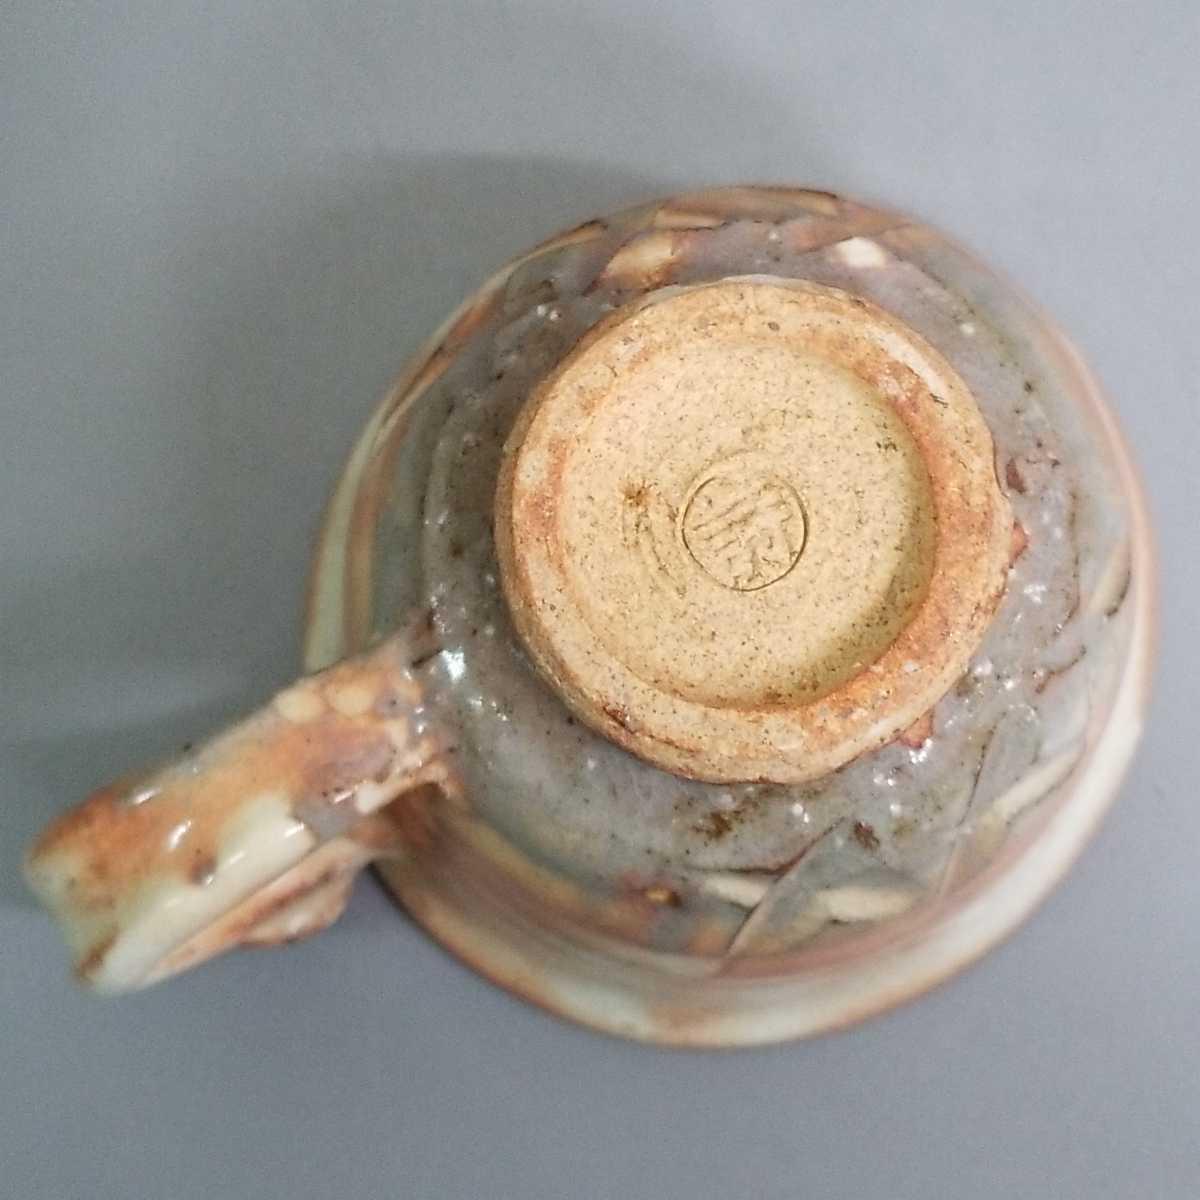 緒61)萩焼 渋谷泥詩 見島コーヒーカップ マグカップ 珈琲器 茶器 未使用新品 同梱歓迎_画像6